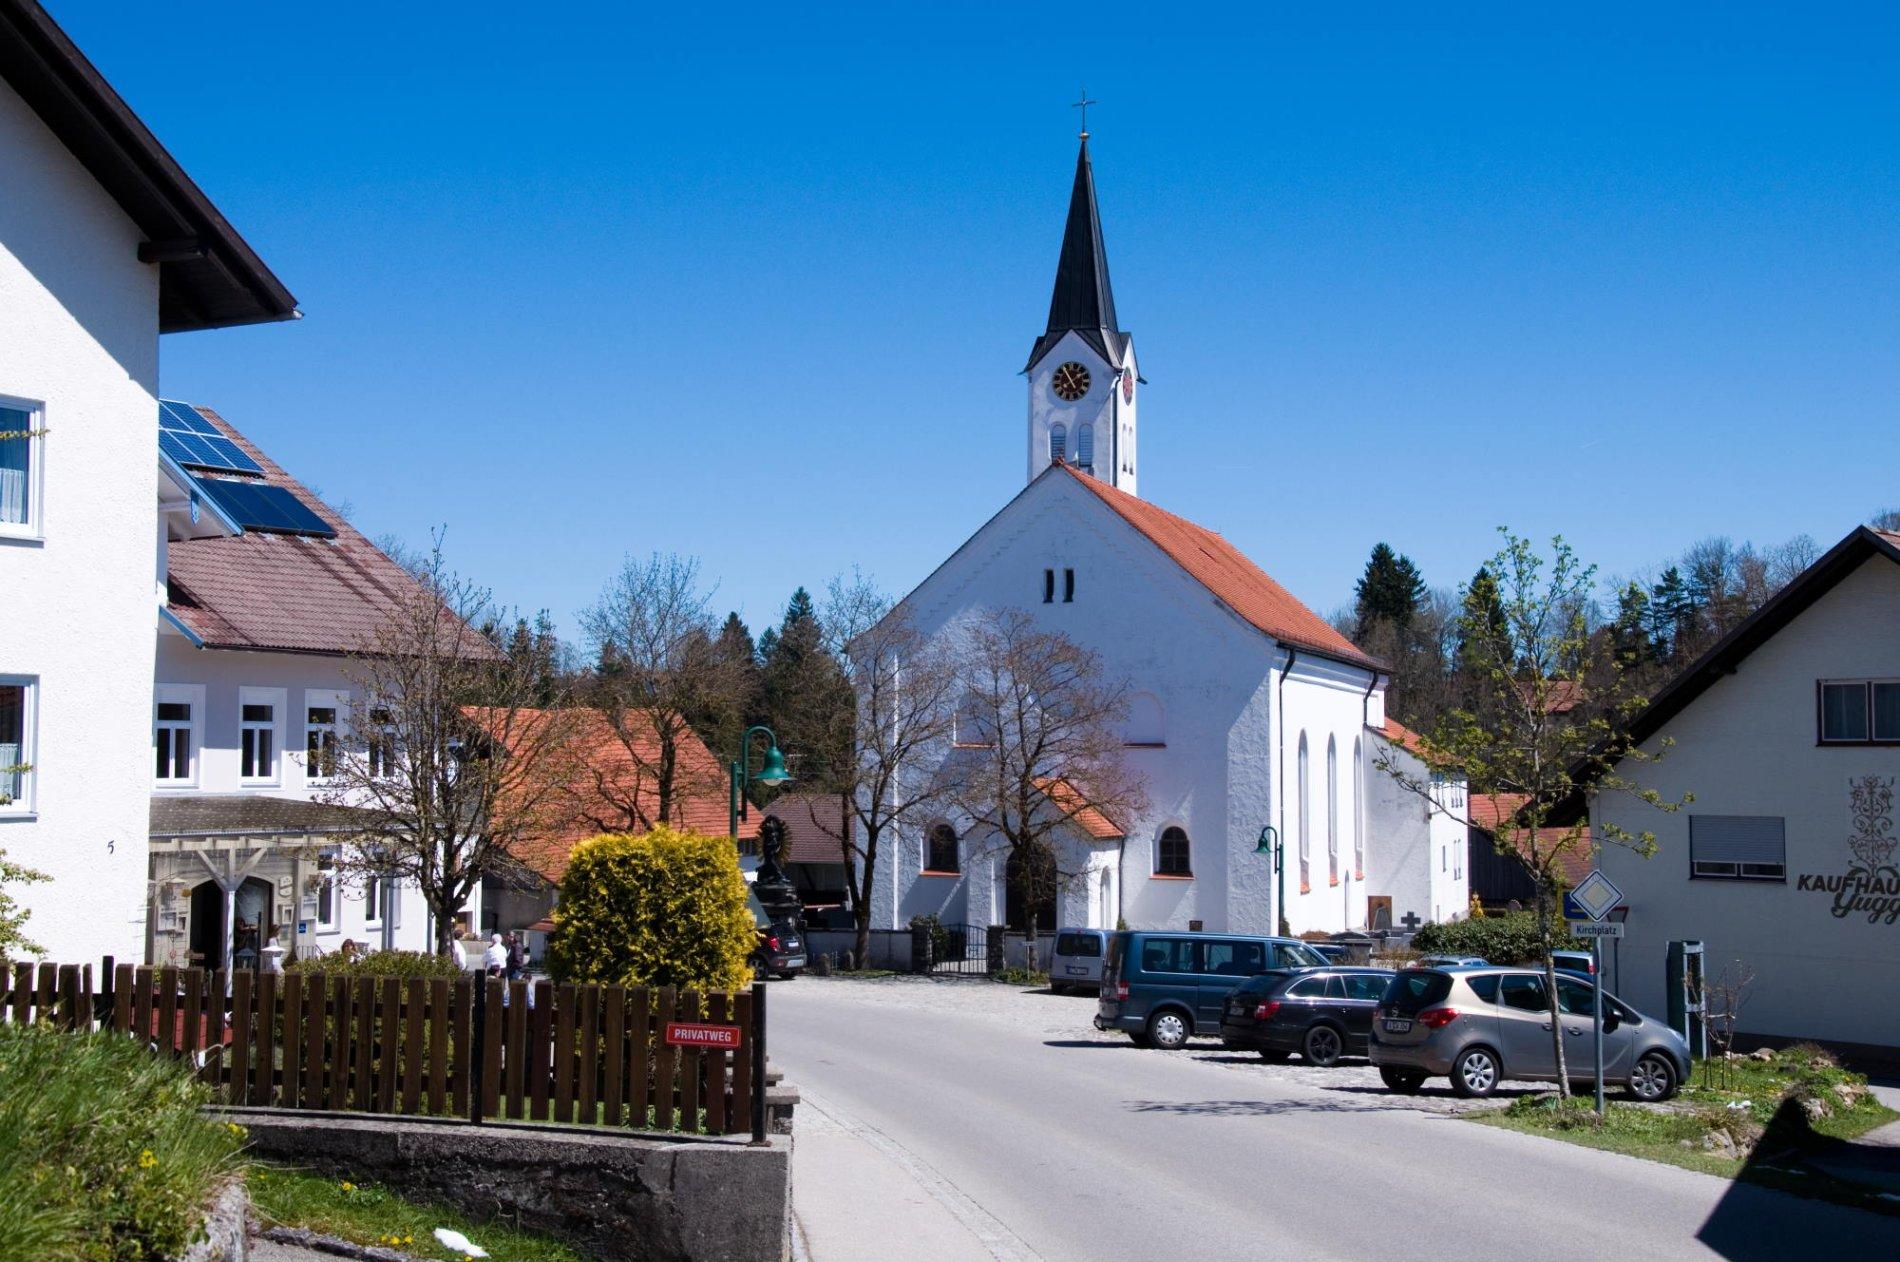 Kirche St. Oswald, Görisried